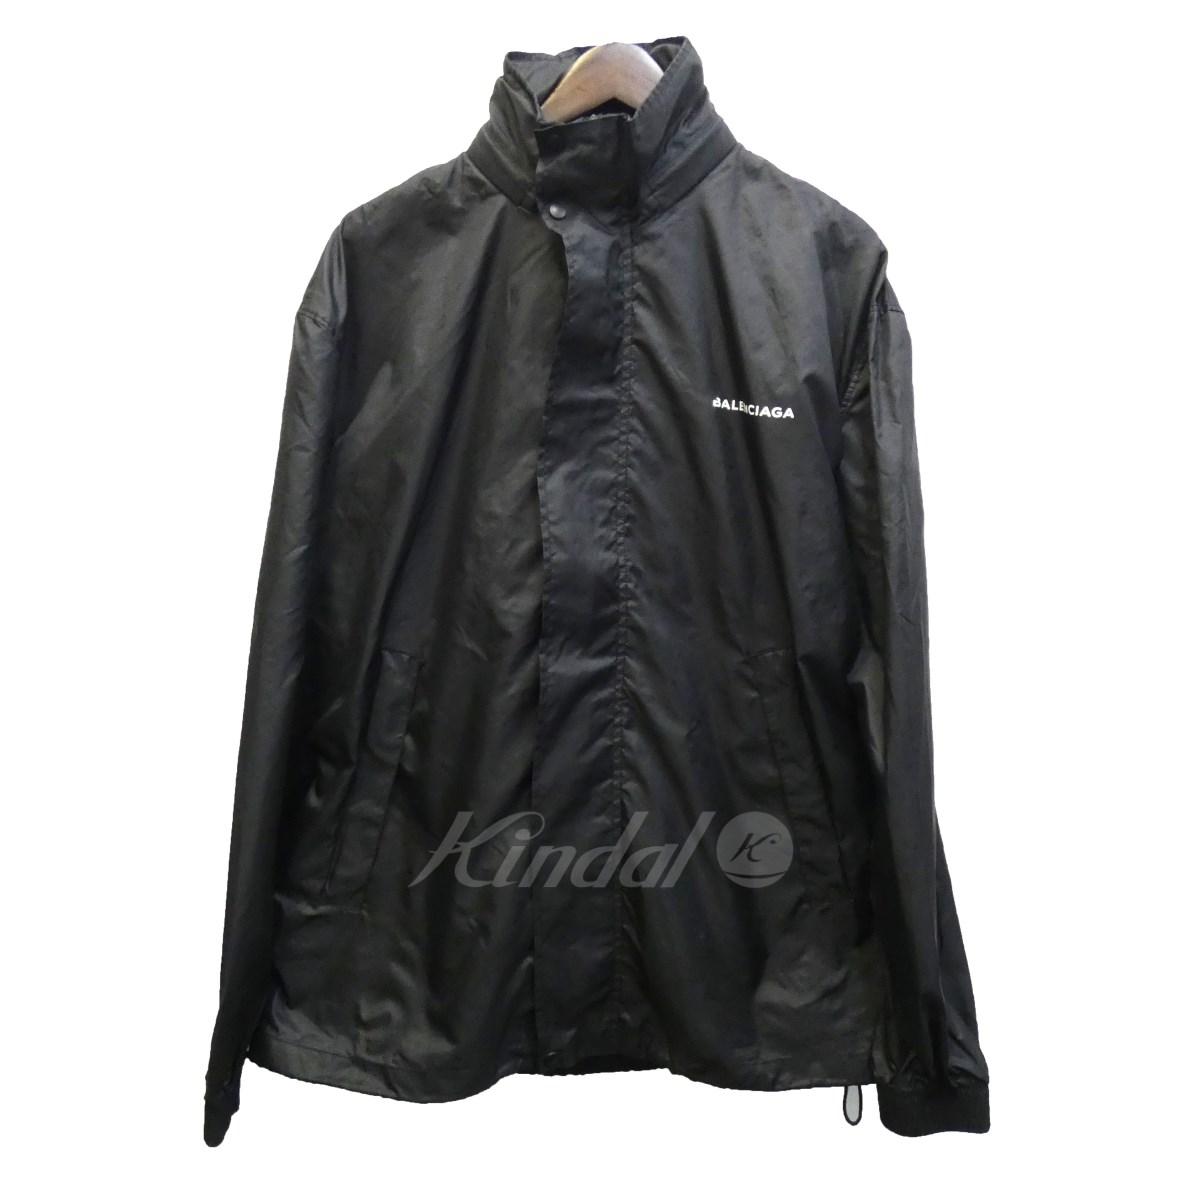 【中古】BALENCIAGA 17SS ロゴプリントジャケット ブラック サイズ:S 【送料無料】 【051018】(バレンシアガ)